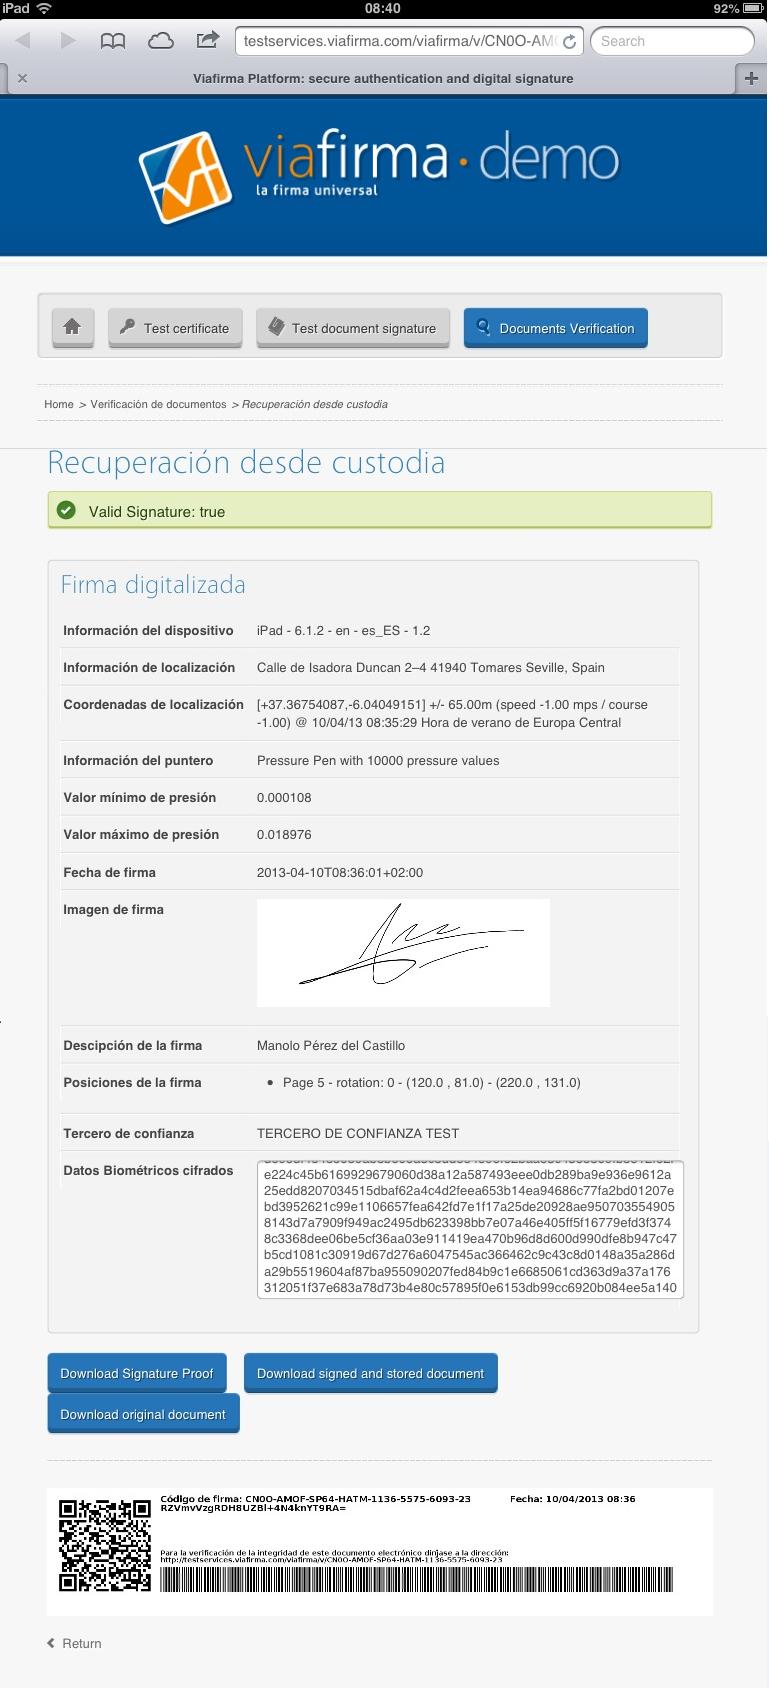 Verificación de la firma digitalizada